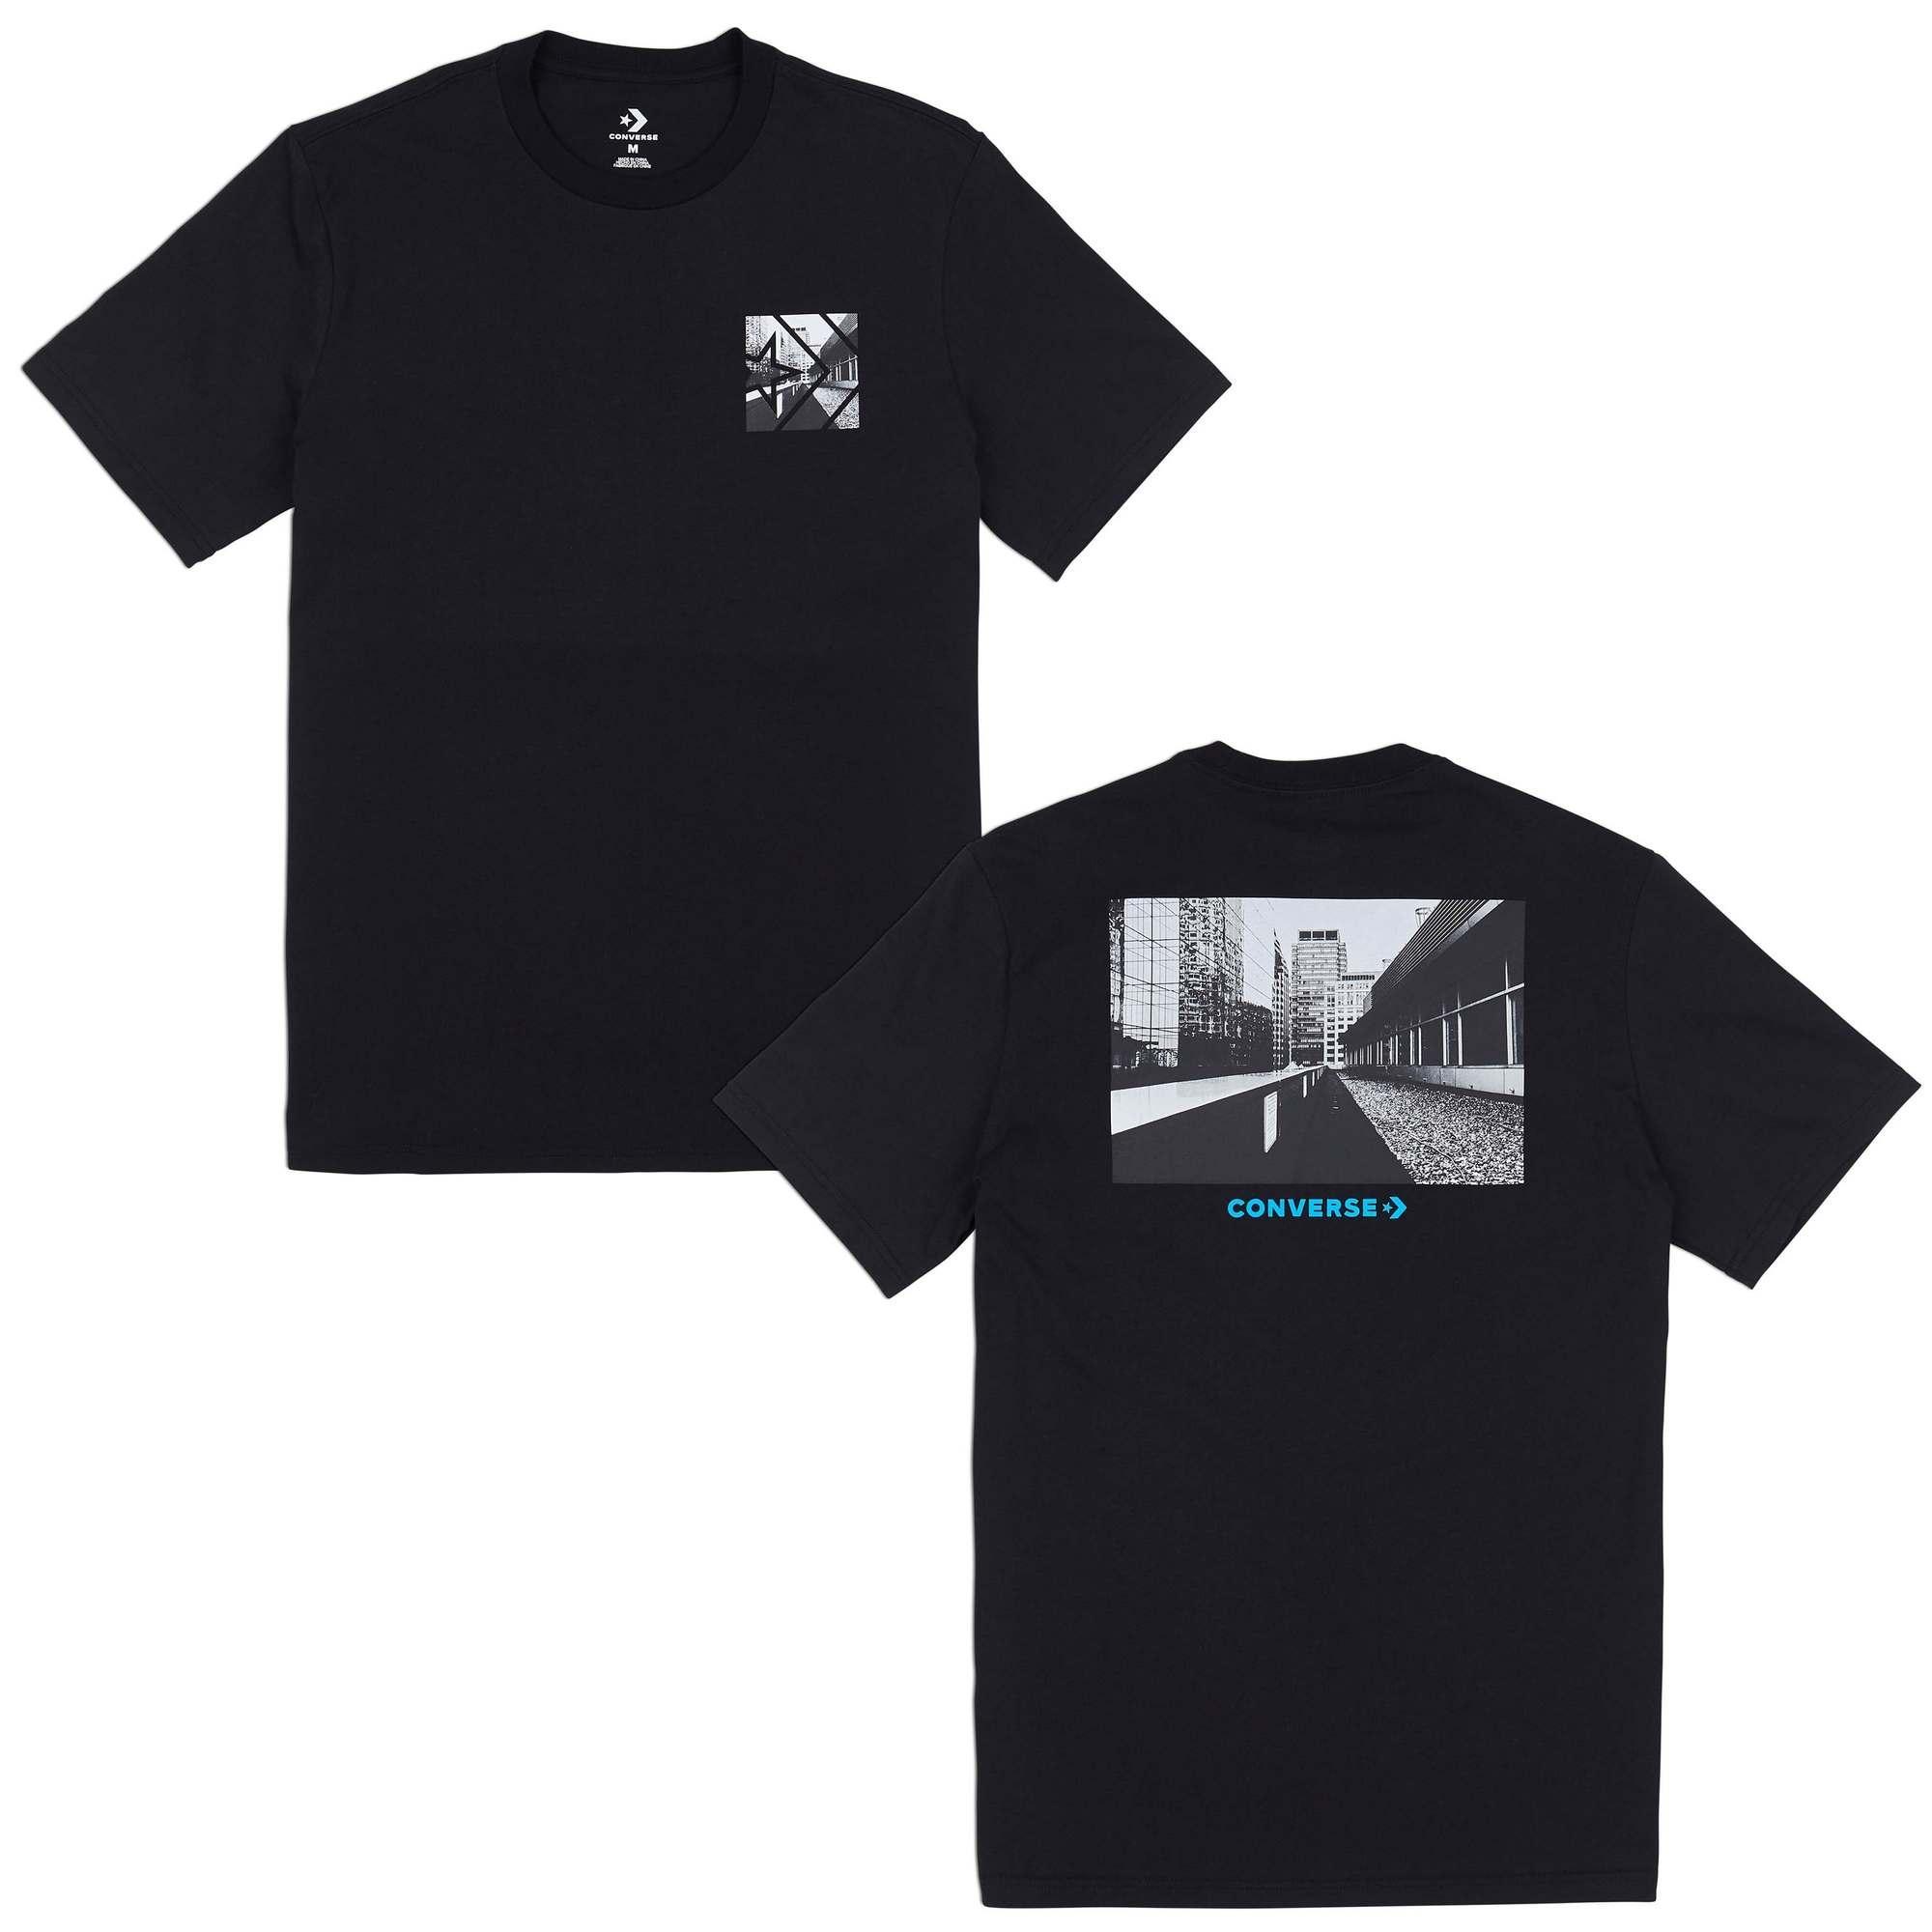 CONVERSE STREET VIEW TEE - BLACK - CON008725A05 d727fc3df7